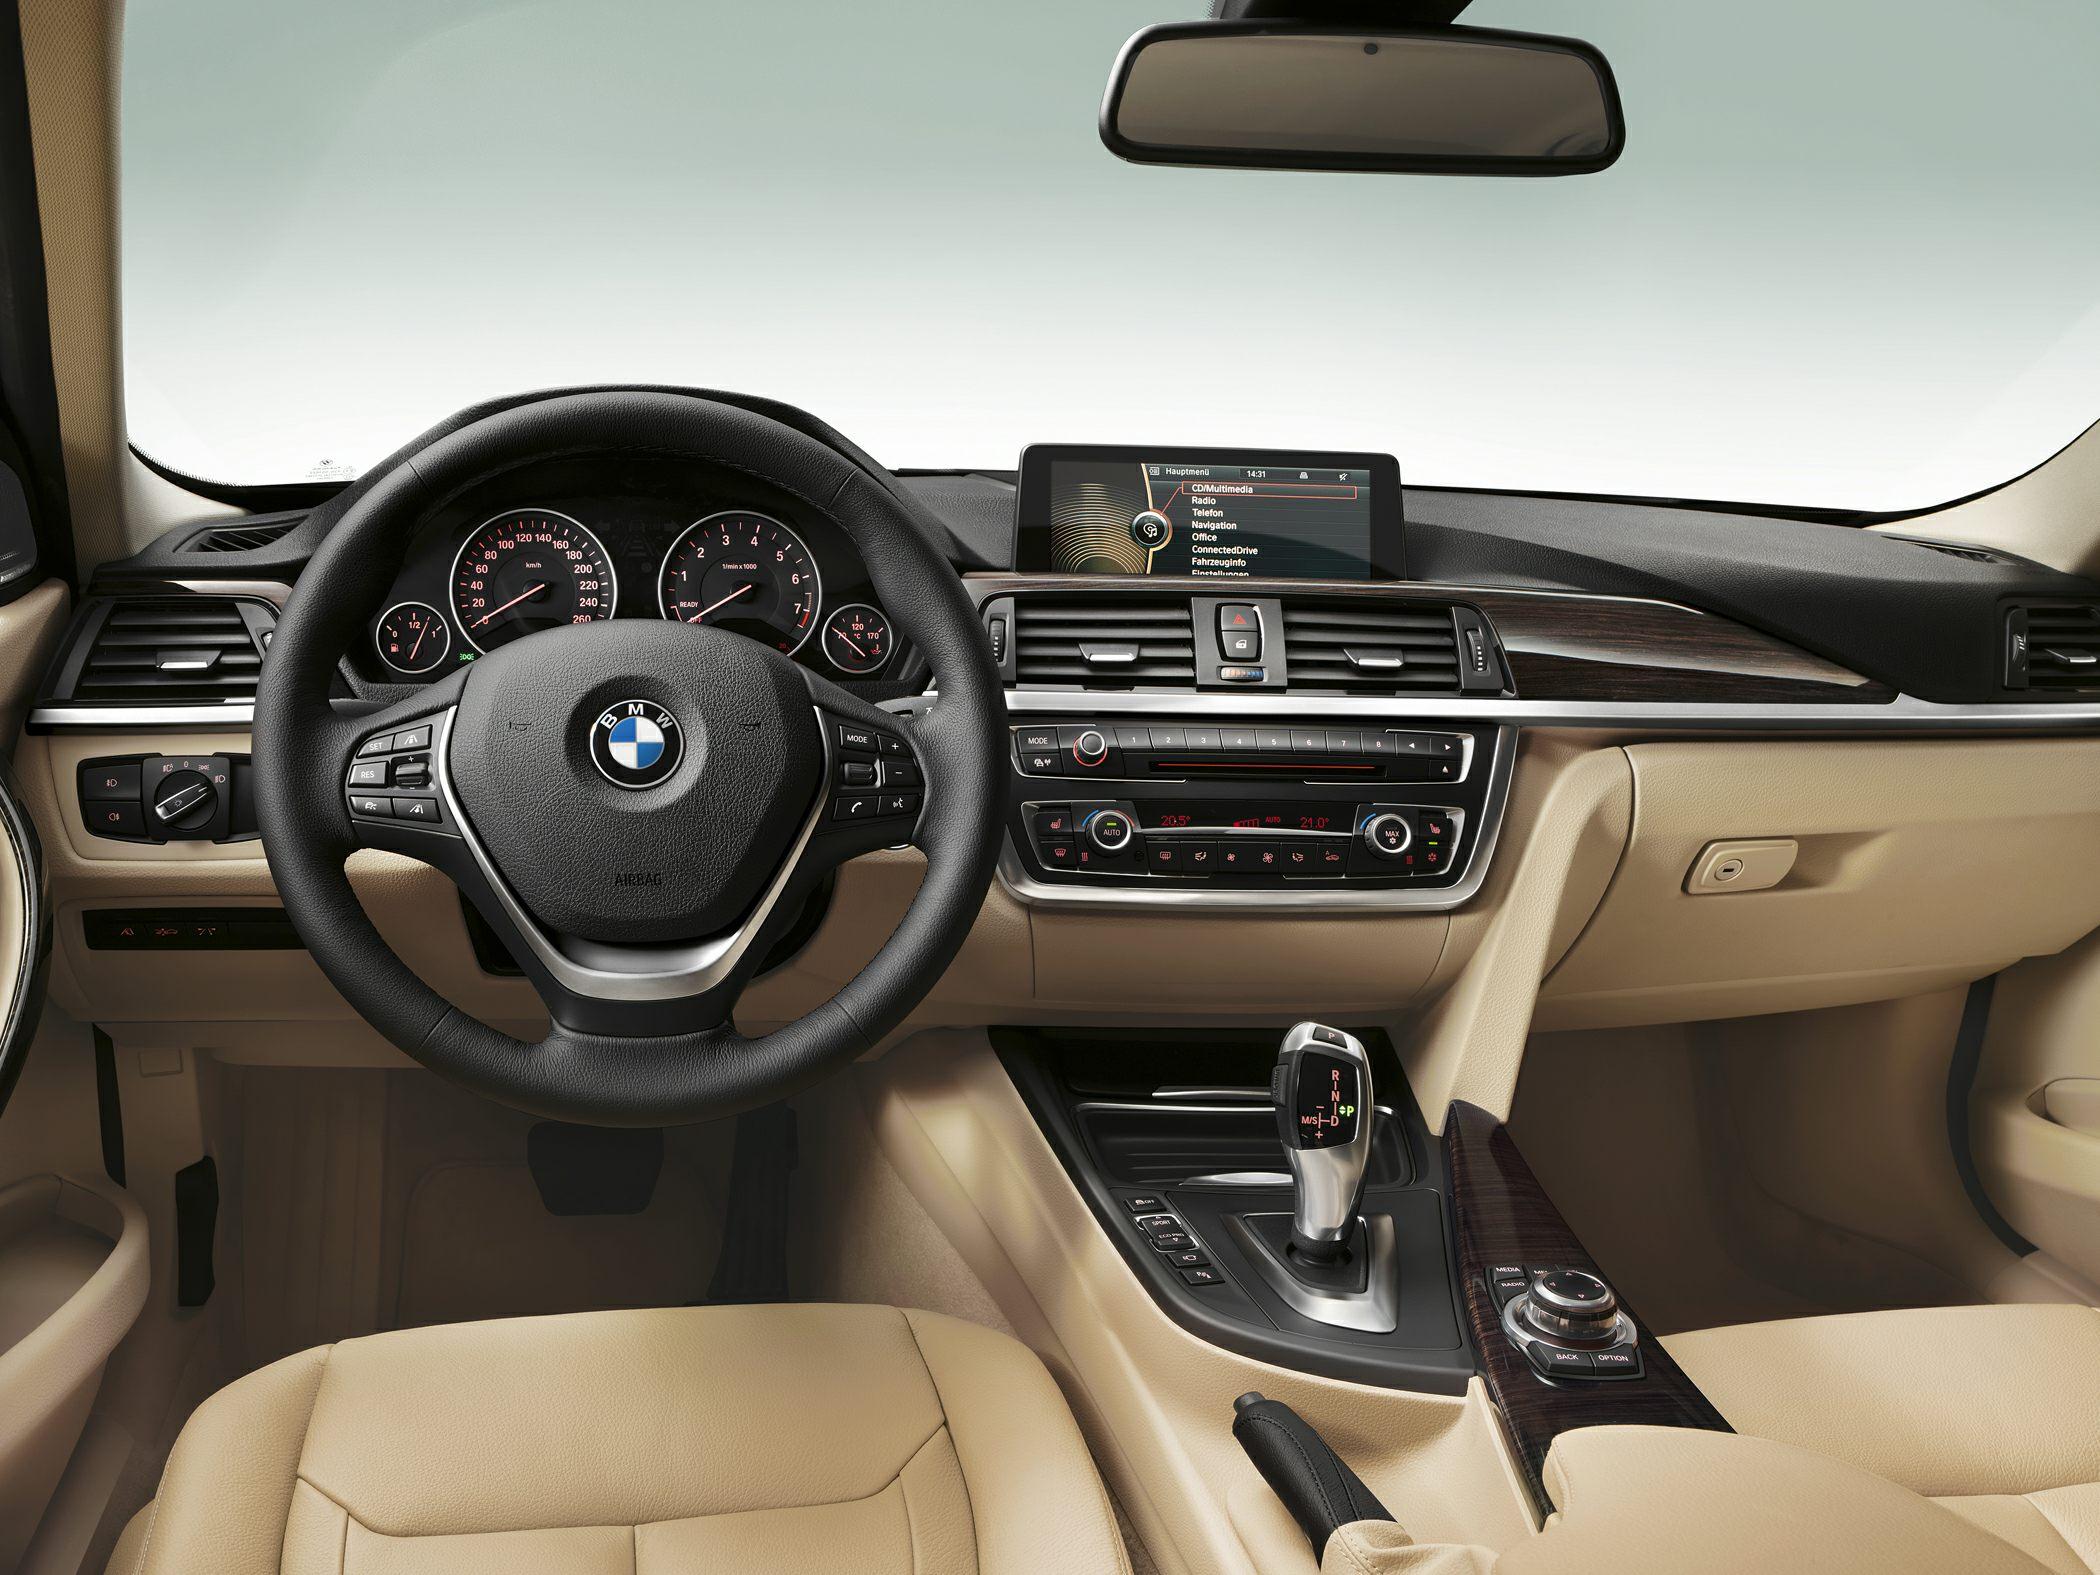 2014 BMW 335i Interior